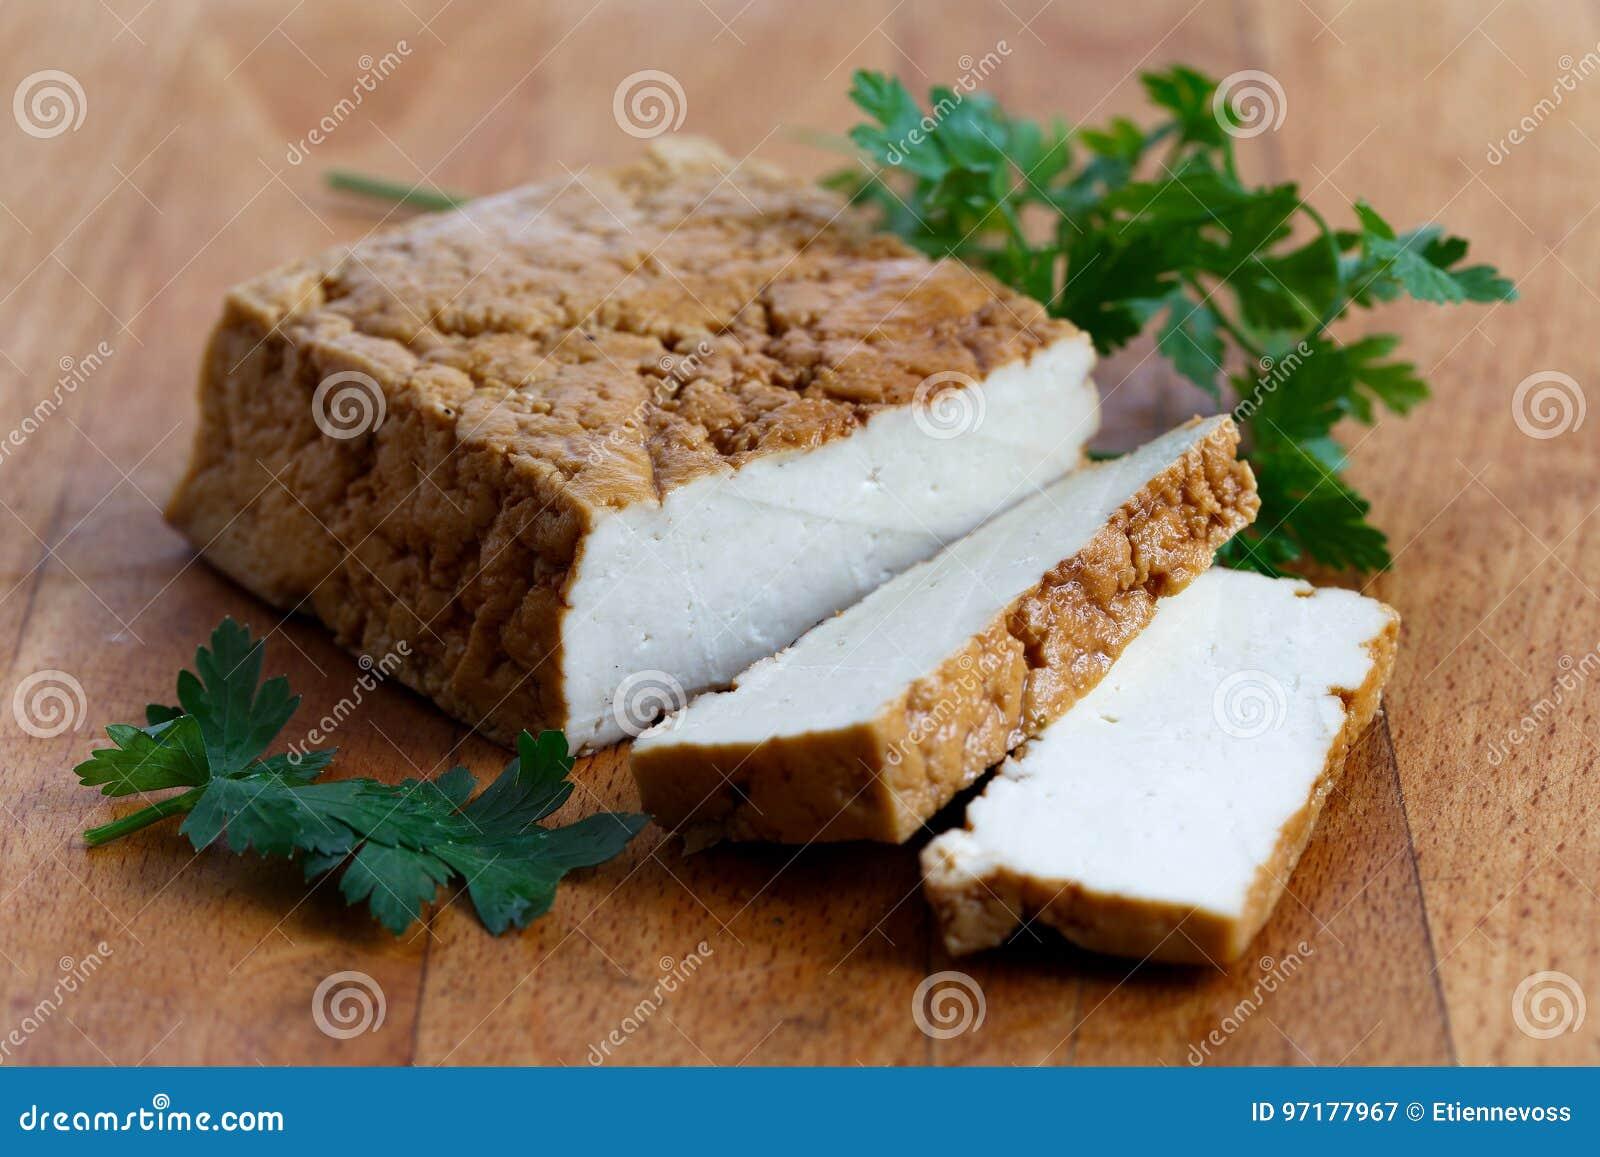 Block des geräucherten Tofus, zwei Tofuscheiben und der frischen Petersilie auf Holz